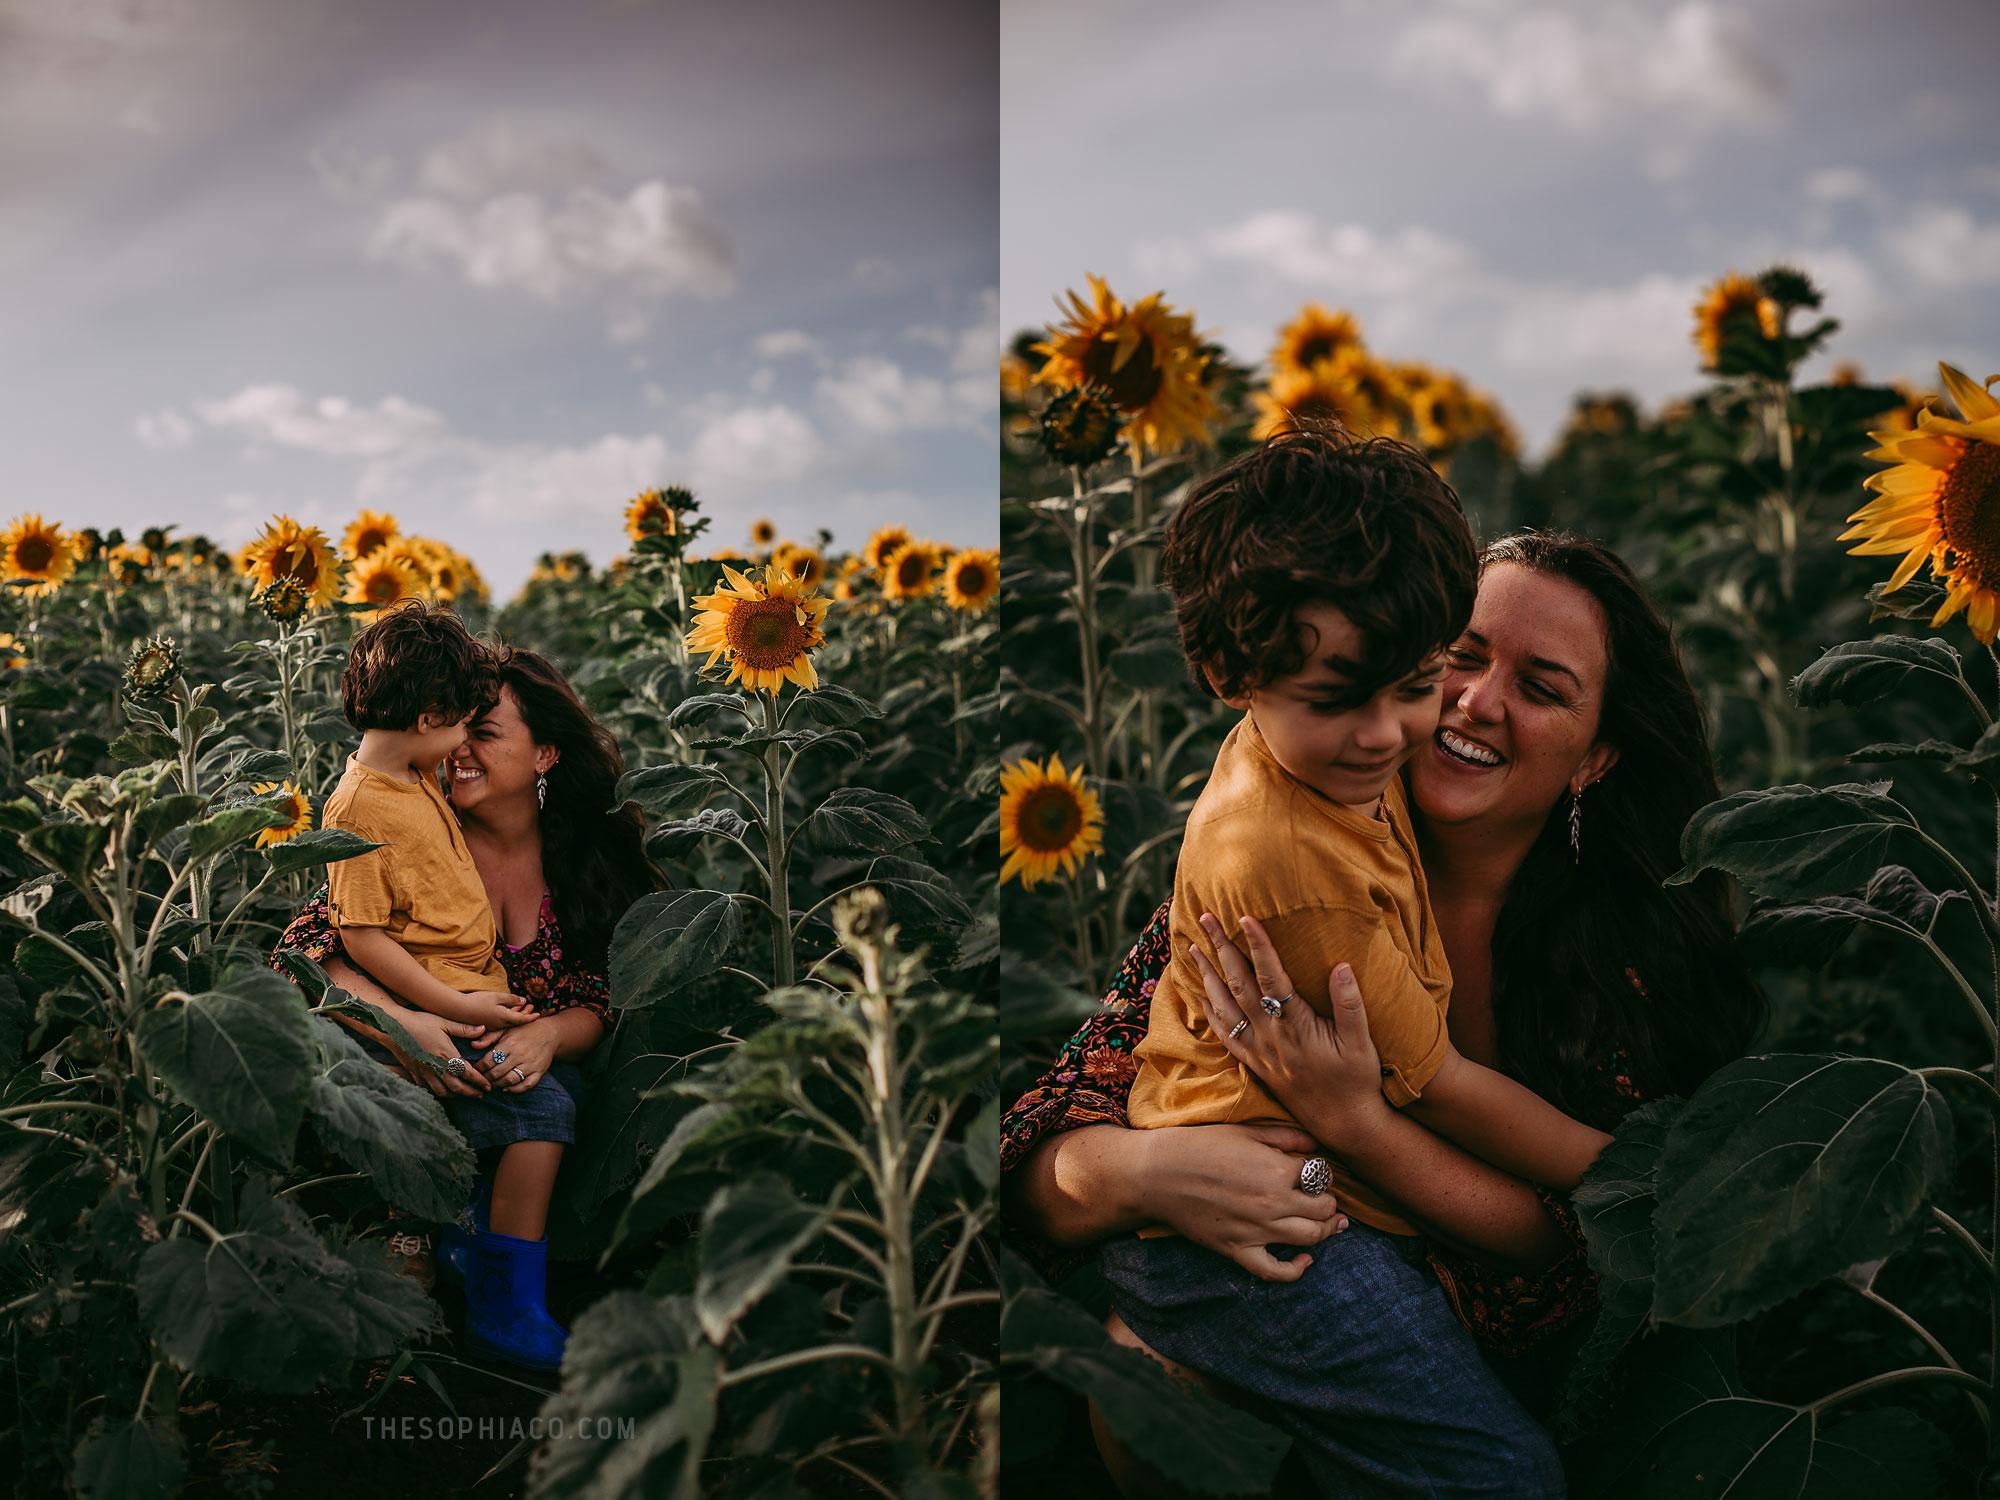 waialua-sunflowers-oahu-family-photography-15.jpg